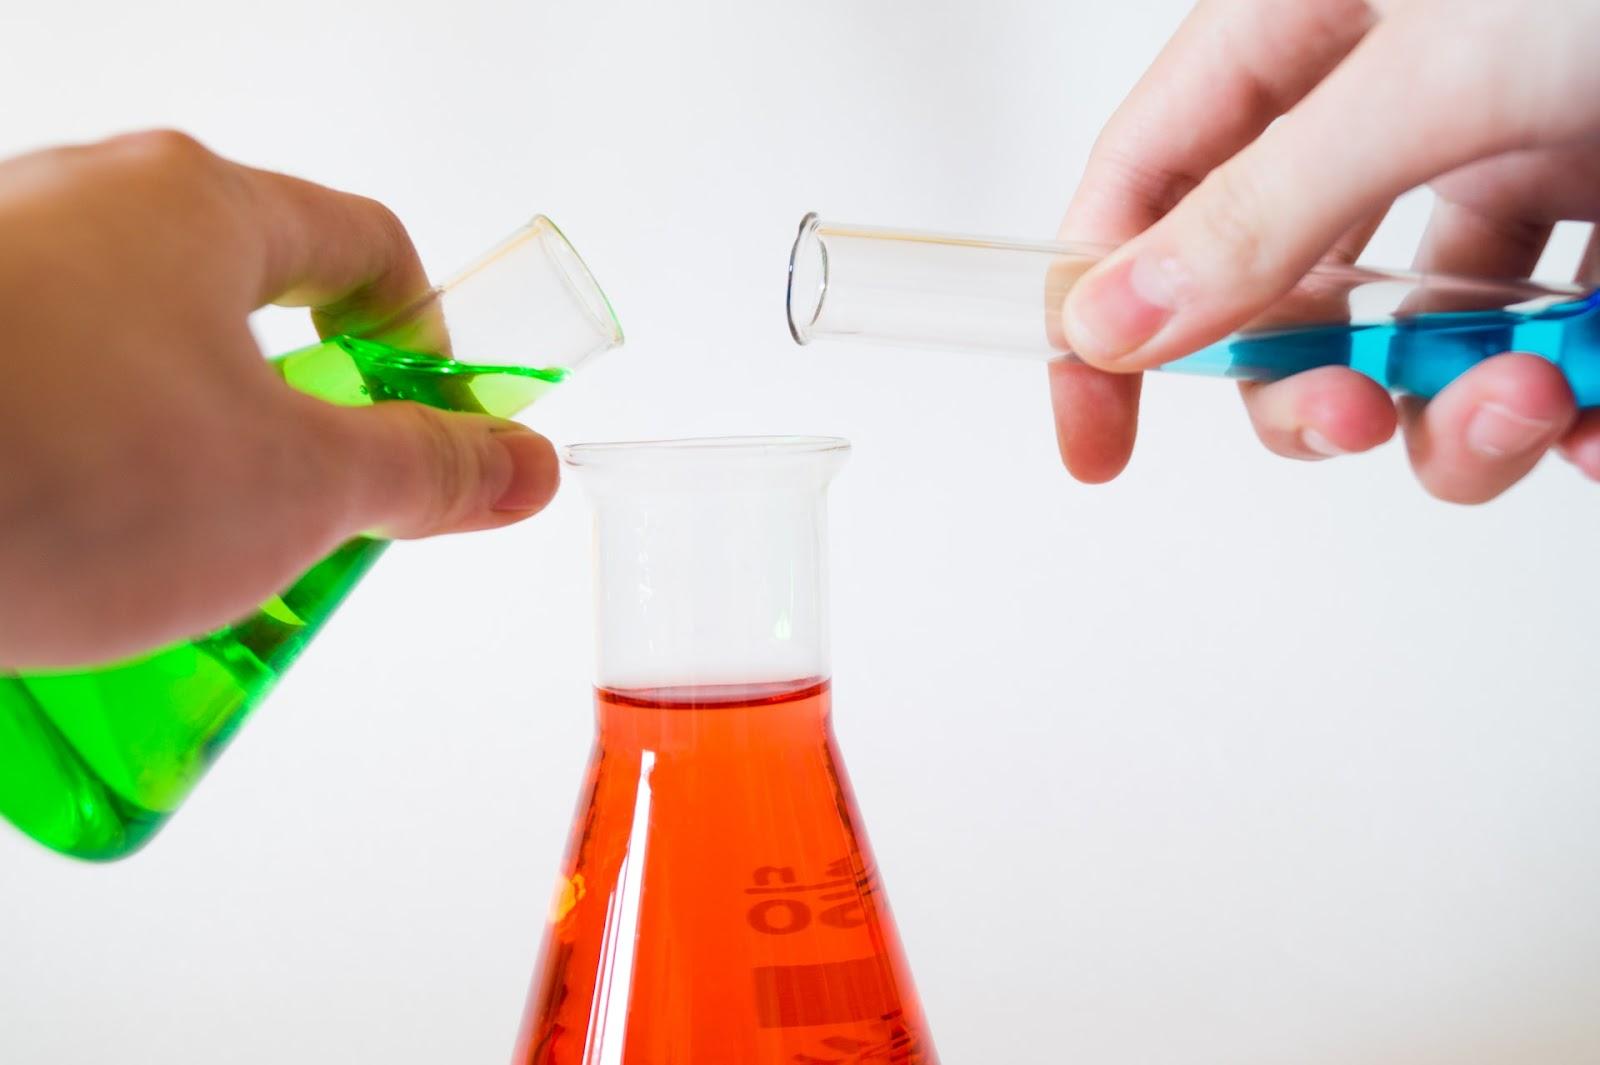 16 novas substâncias poderão ser utilizadas na fabricação de agrotóxicos